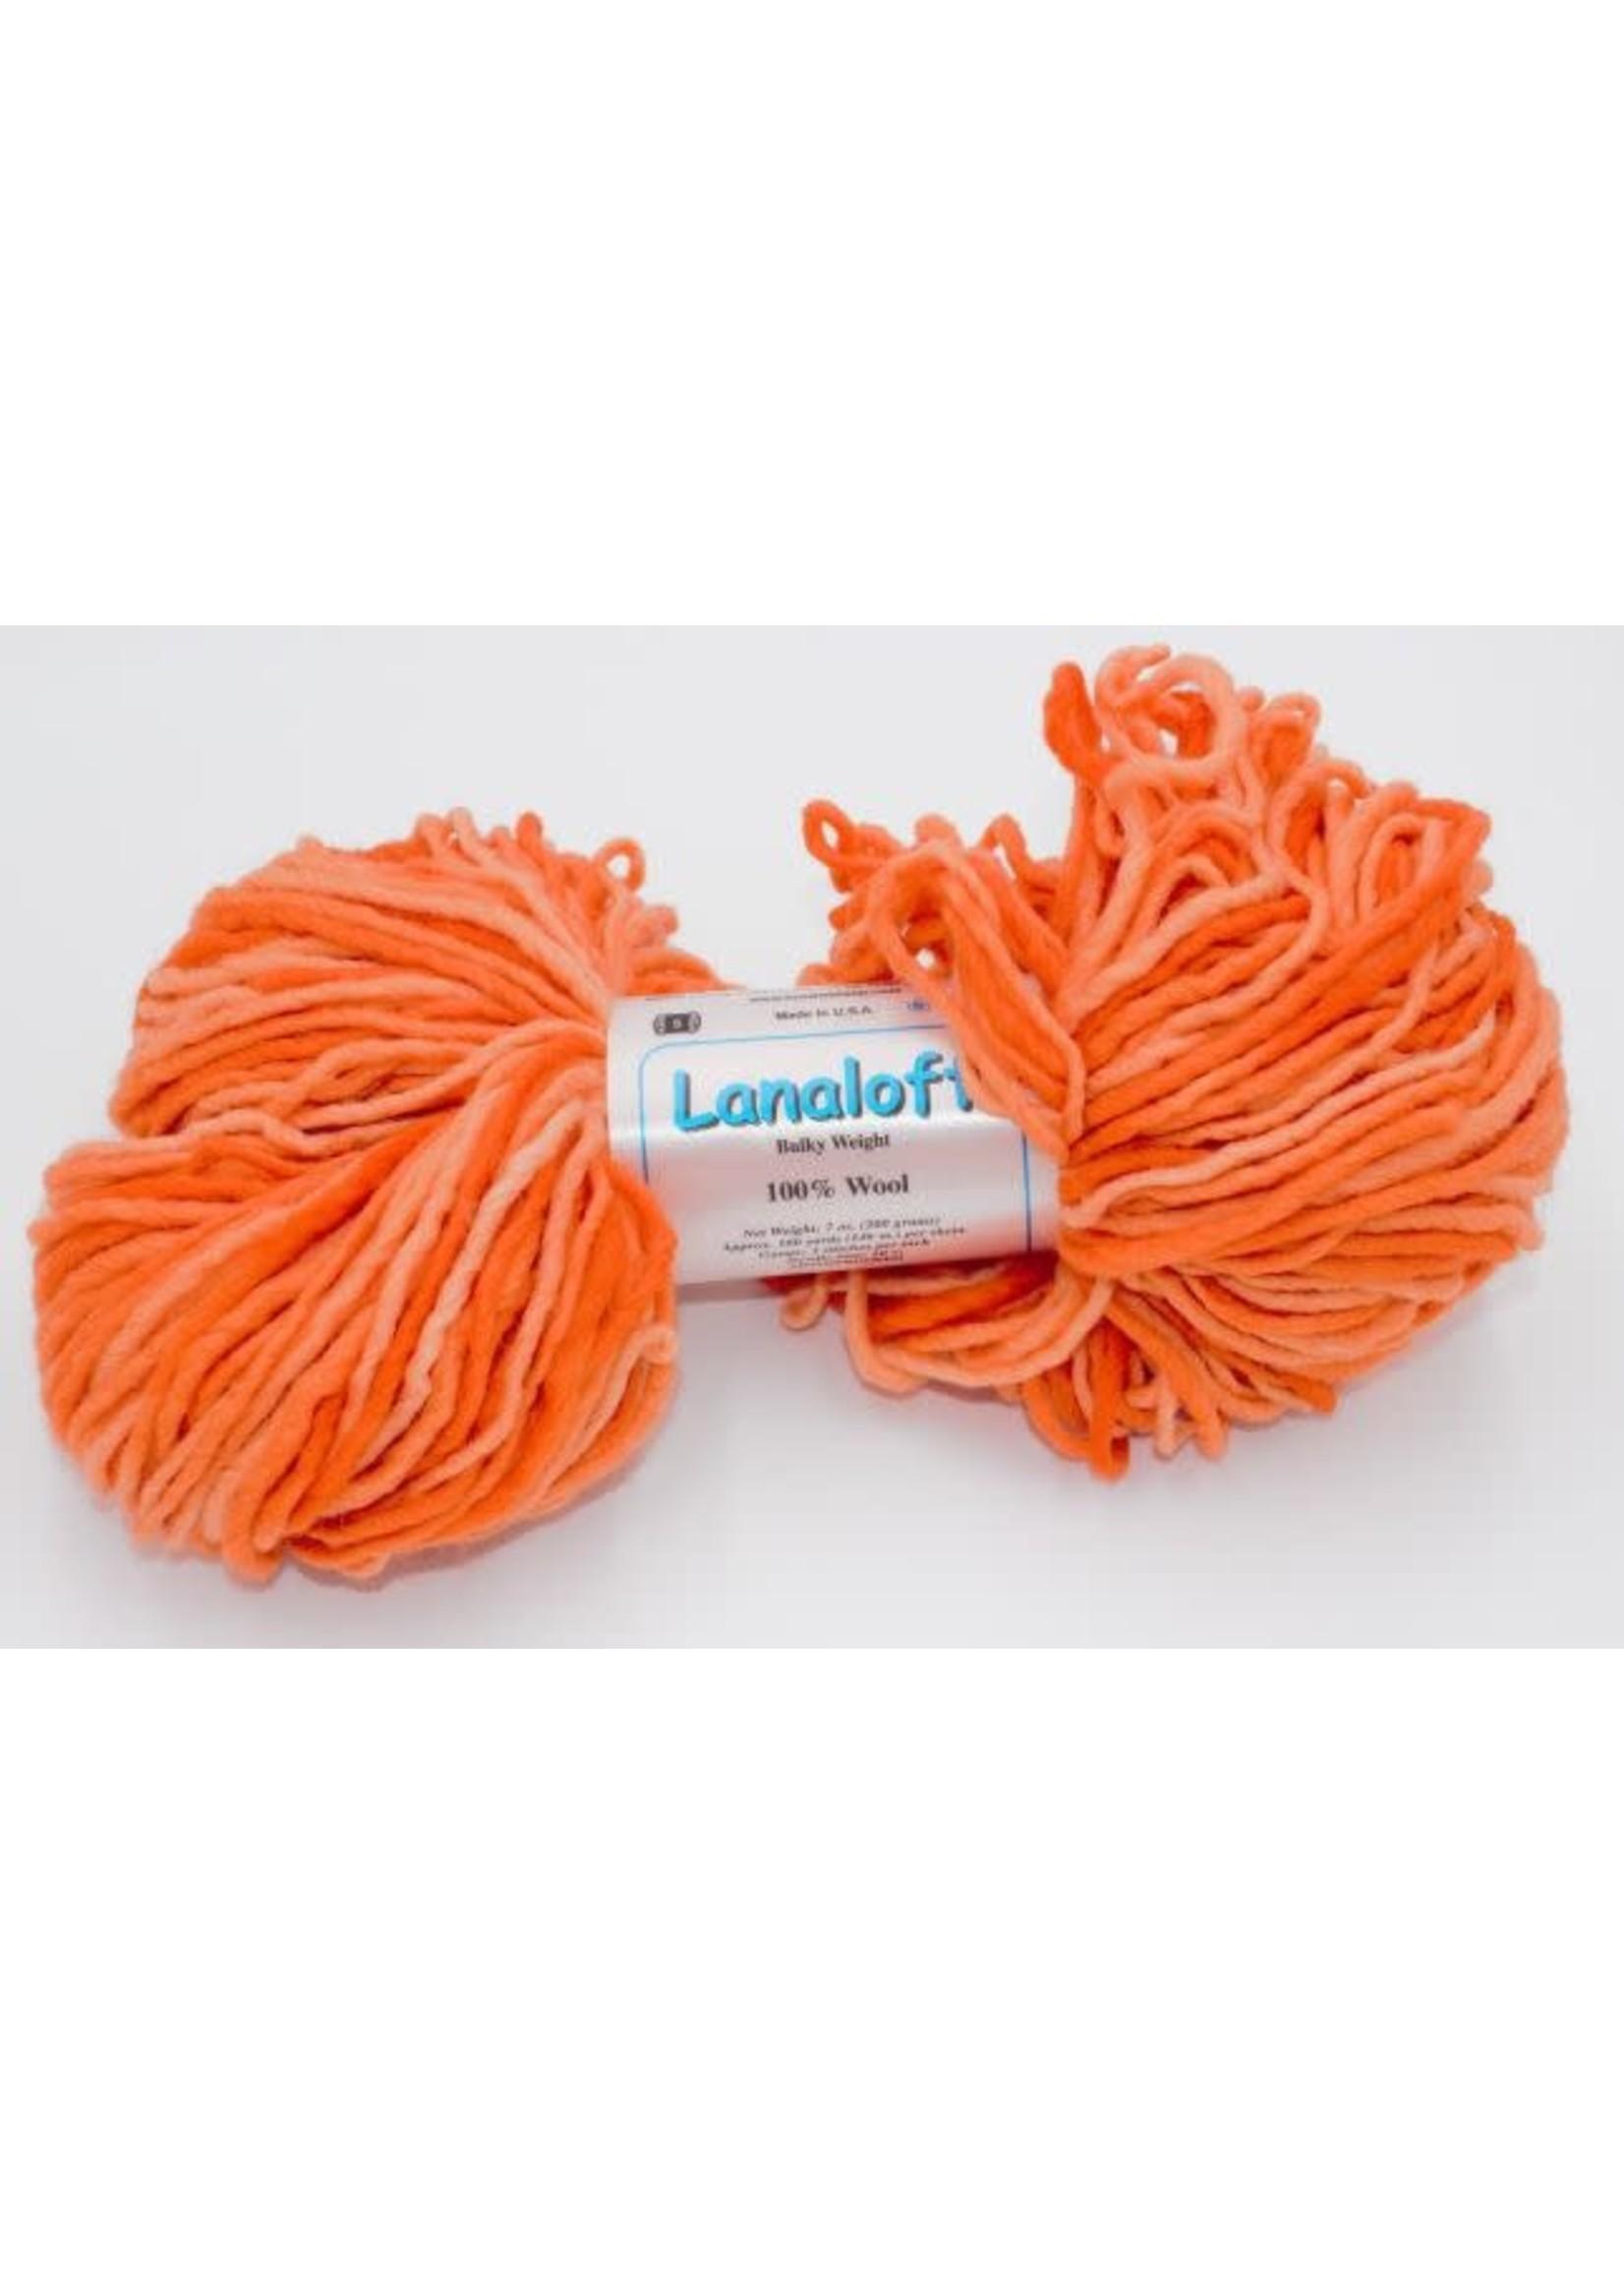 Brown Sheep Company Brown Sheep Lanaloft Bulky Yarn